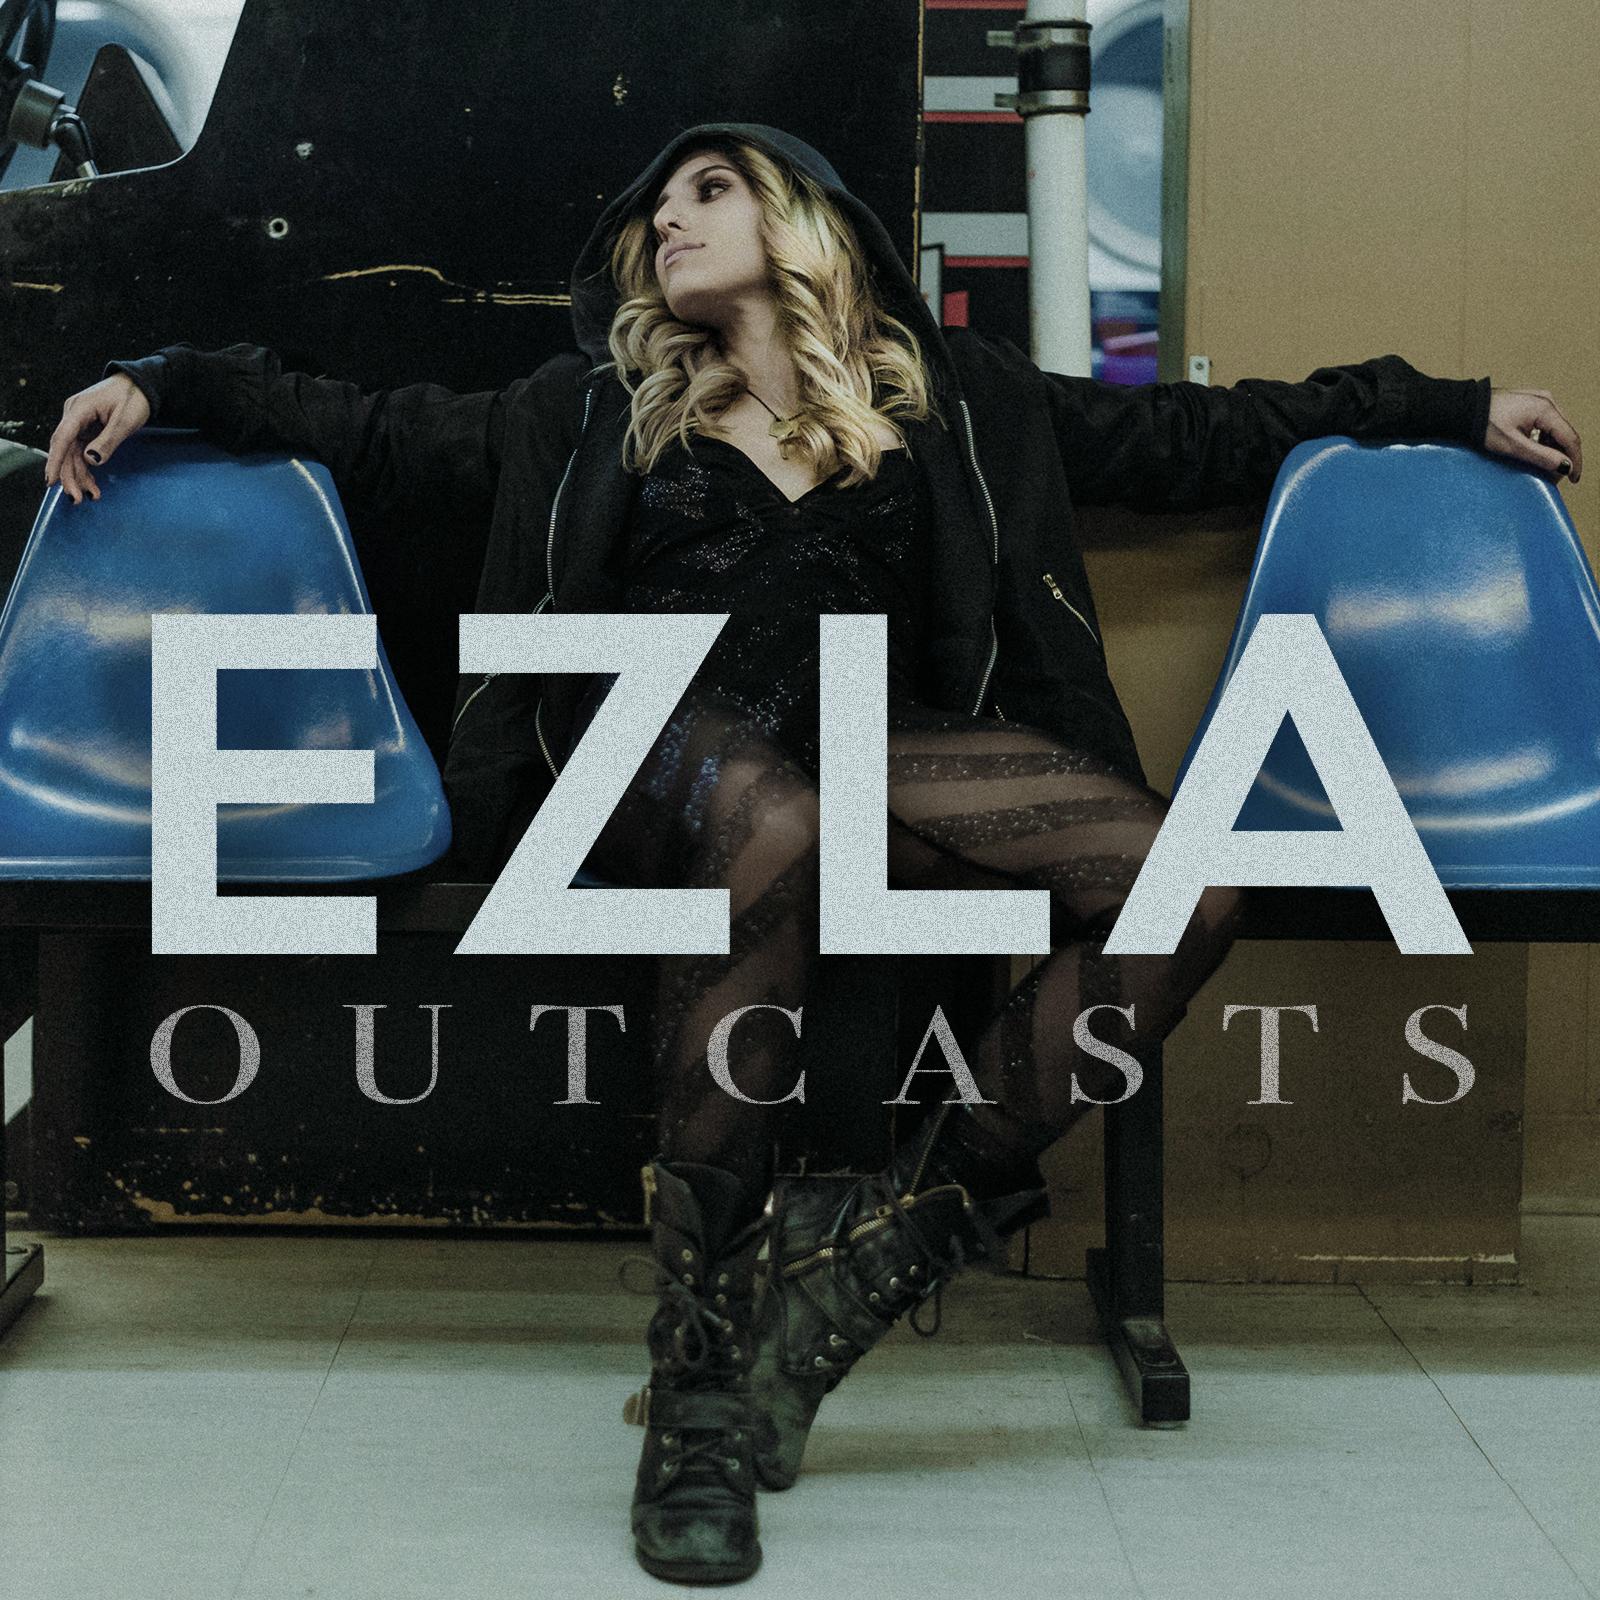 EZLA SINGLE COVER